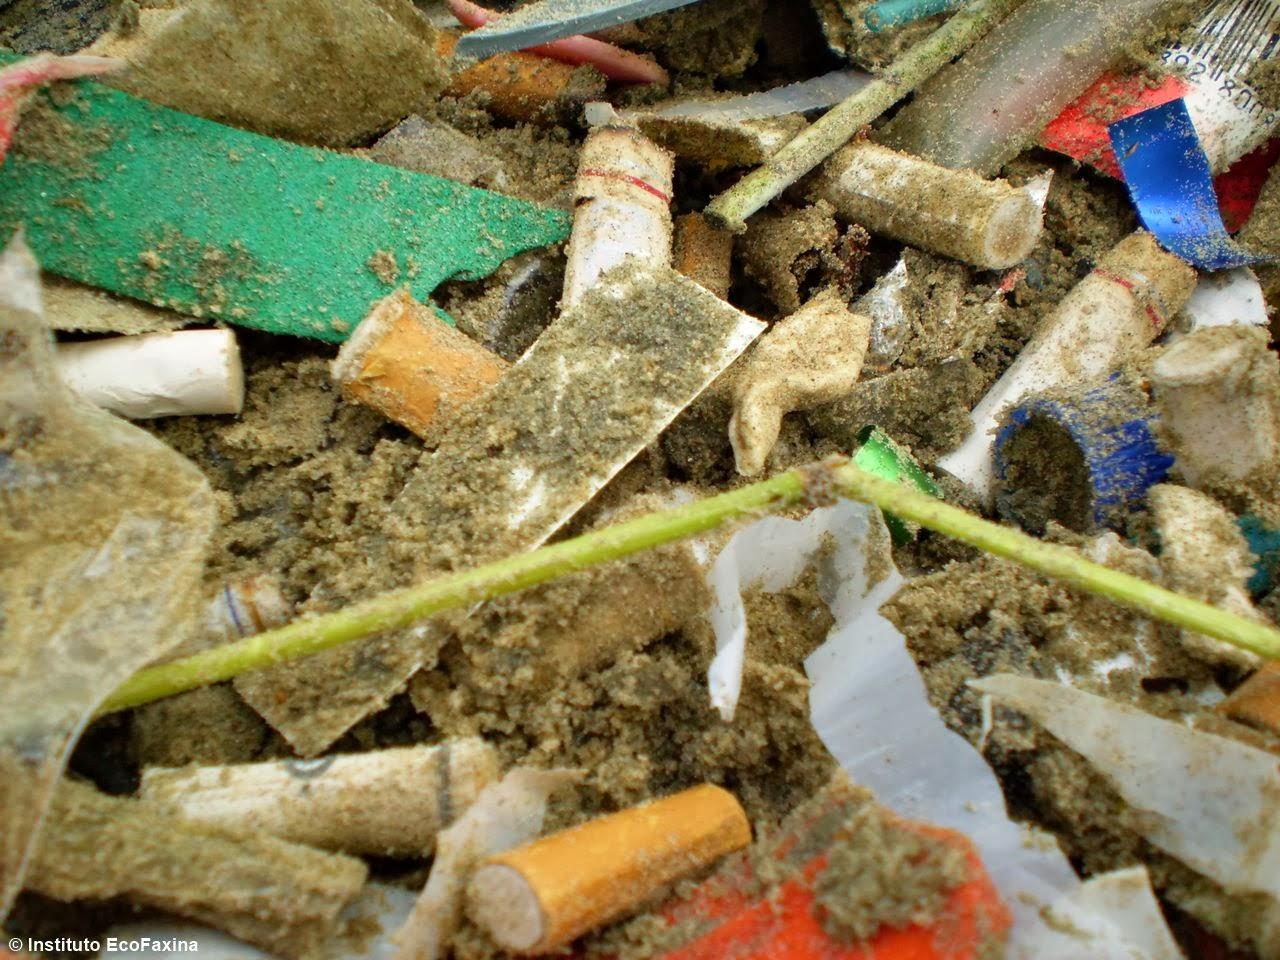 Microlixo coletado nas praias de Santos por voluntários do Instituto EcoFaxina. Crédito: Instituto EcoFaxina